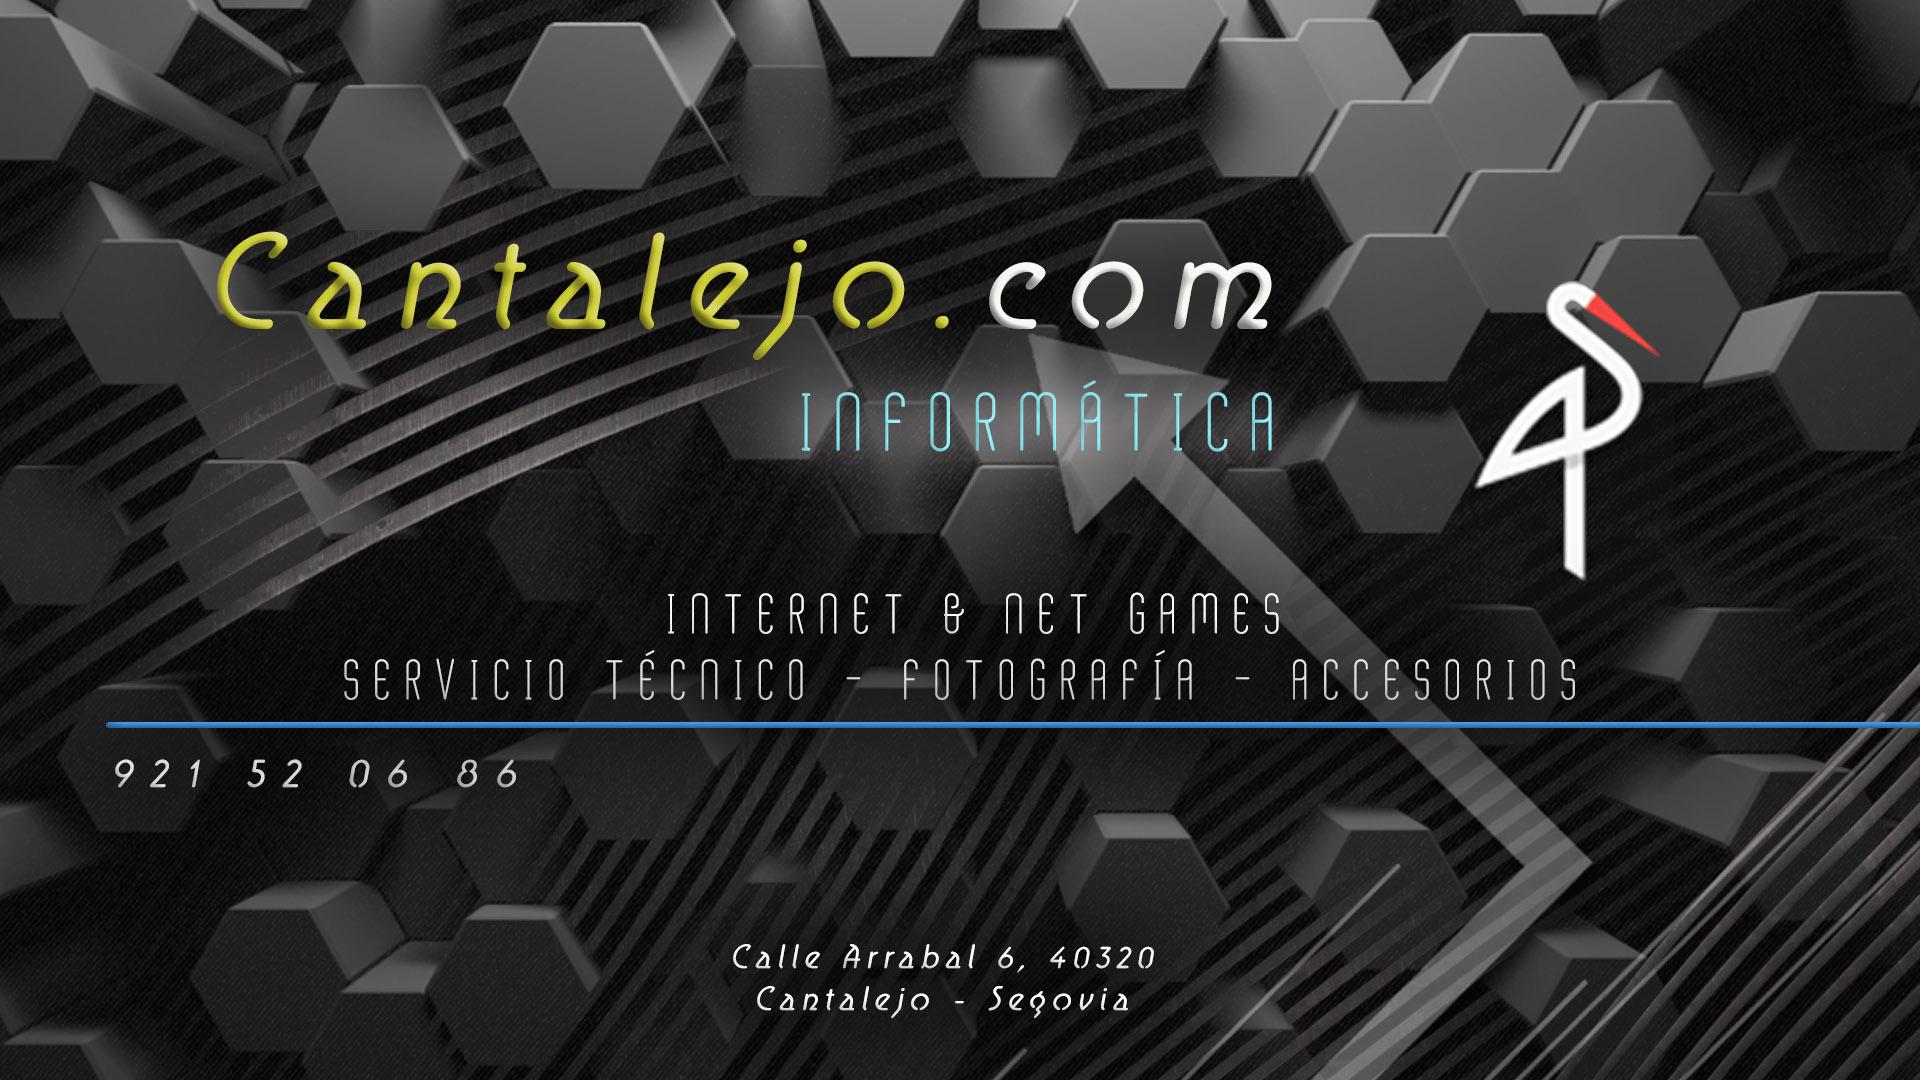 Cantalejo-informatica-Marisa-6-2s